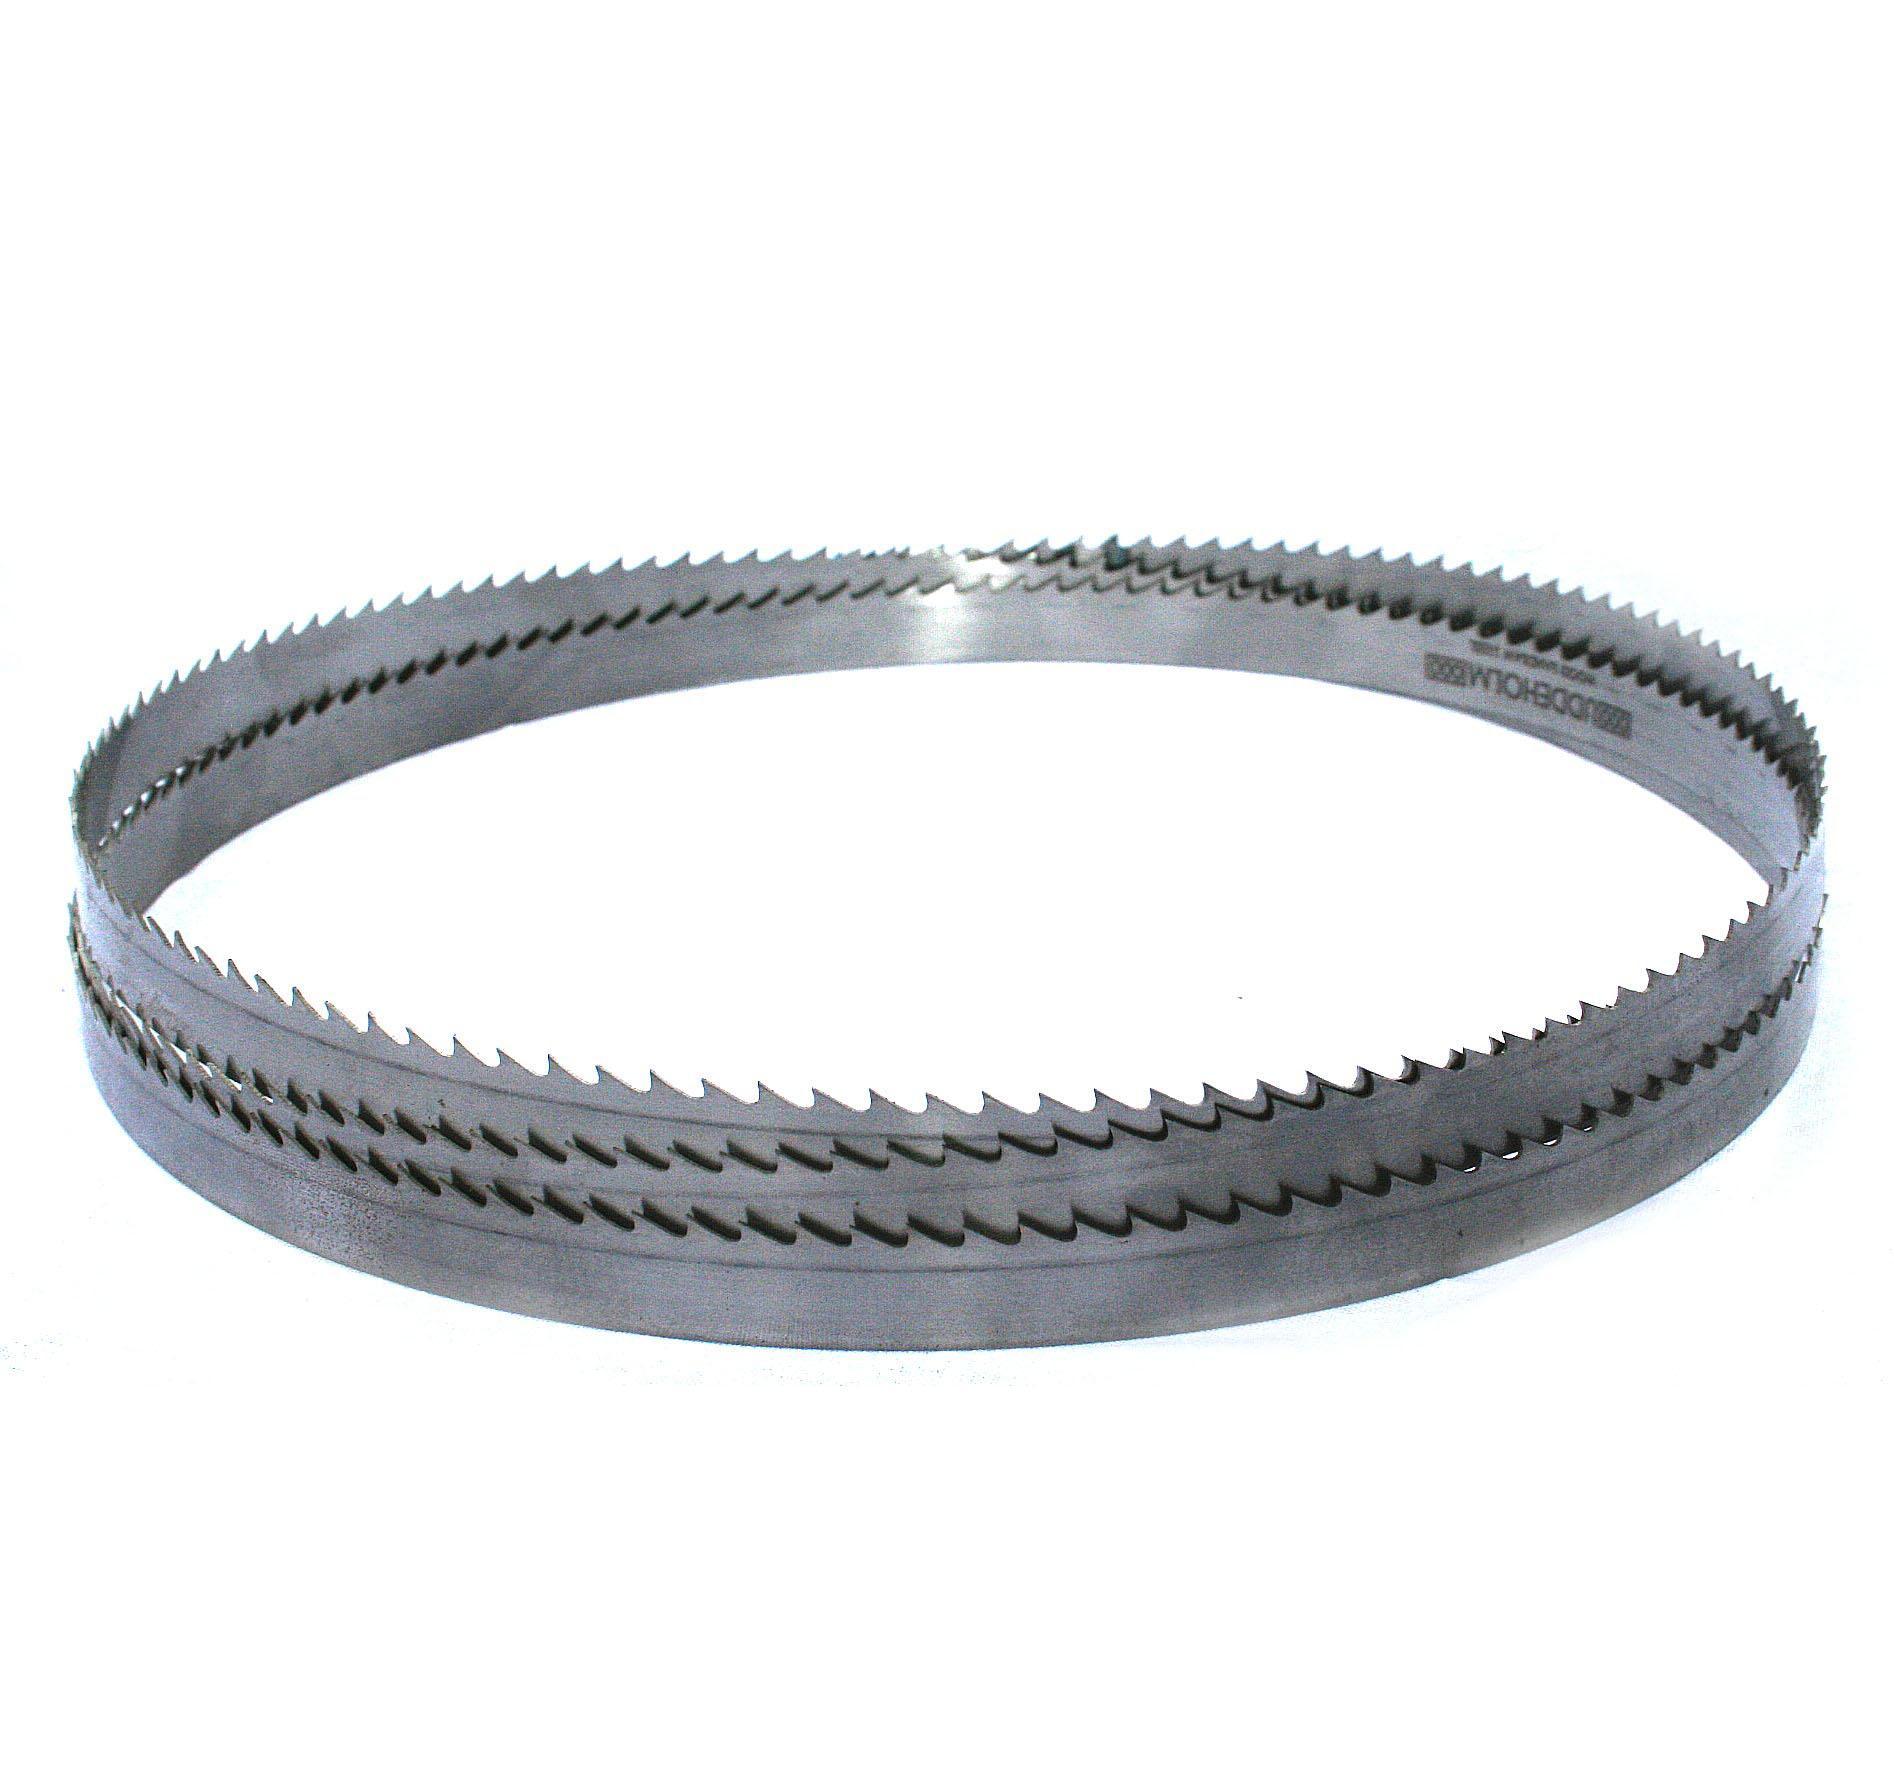 Sägeband 2950 mm von 6-20 mm Breite für Bandsägen (Holz) Sägeband mit 20mm Breite